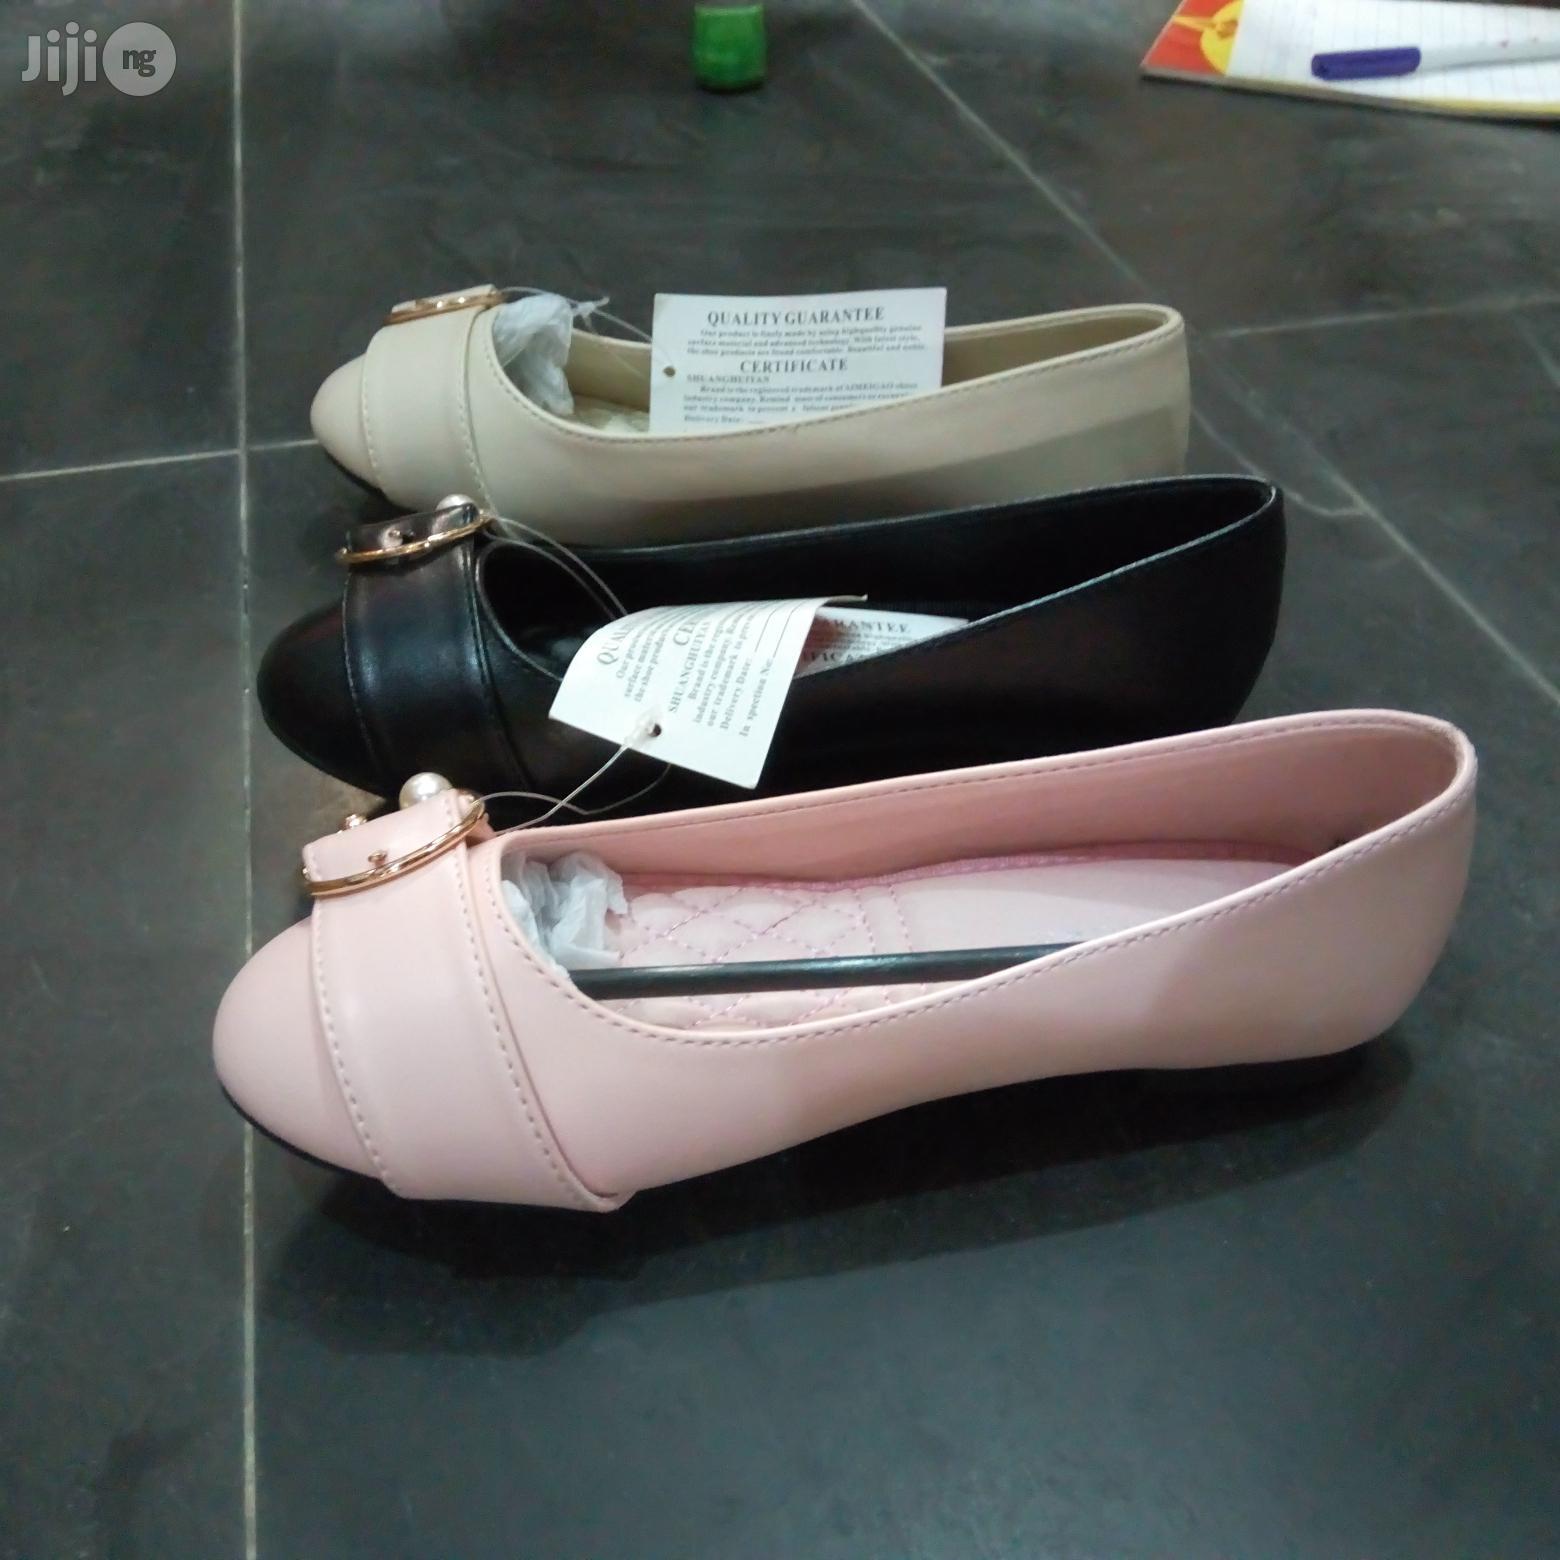 Aimeigo Girl's Shoes